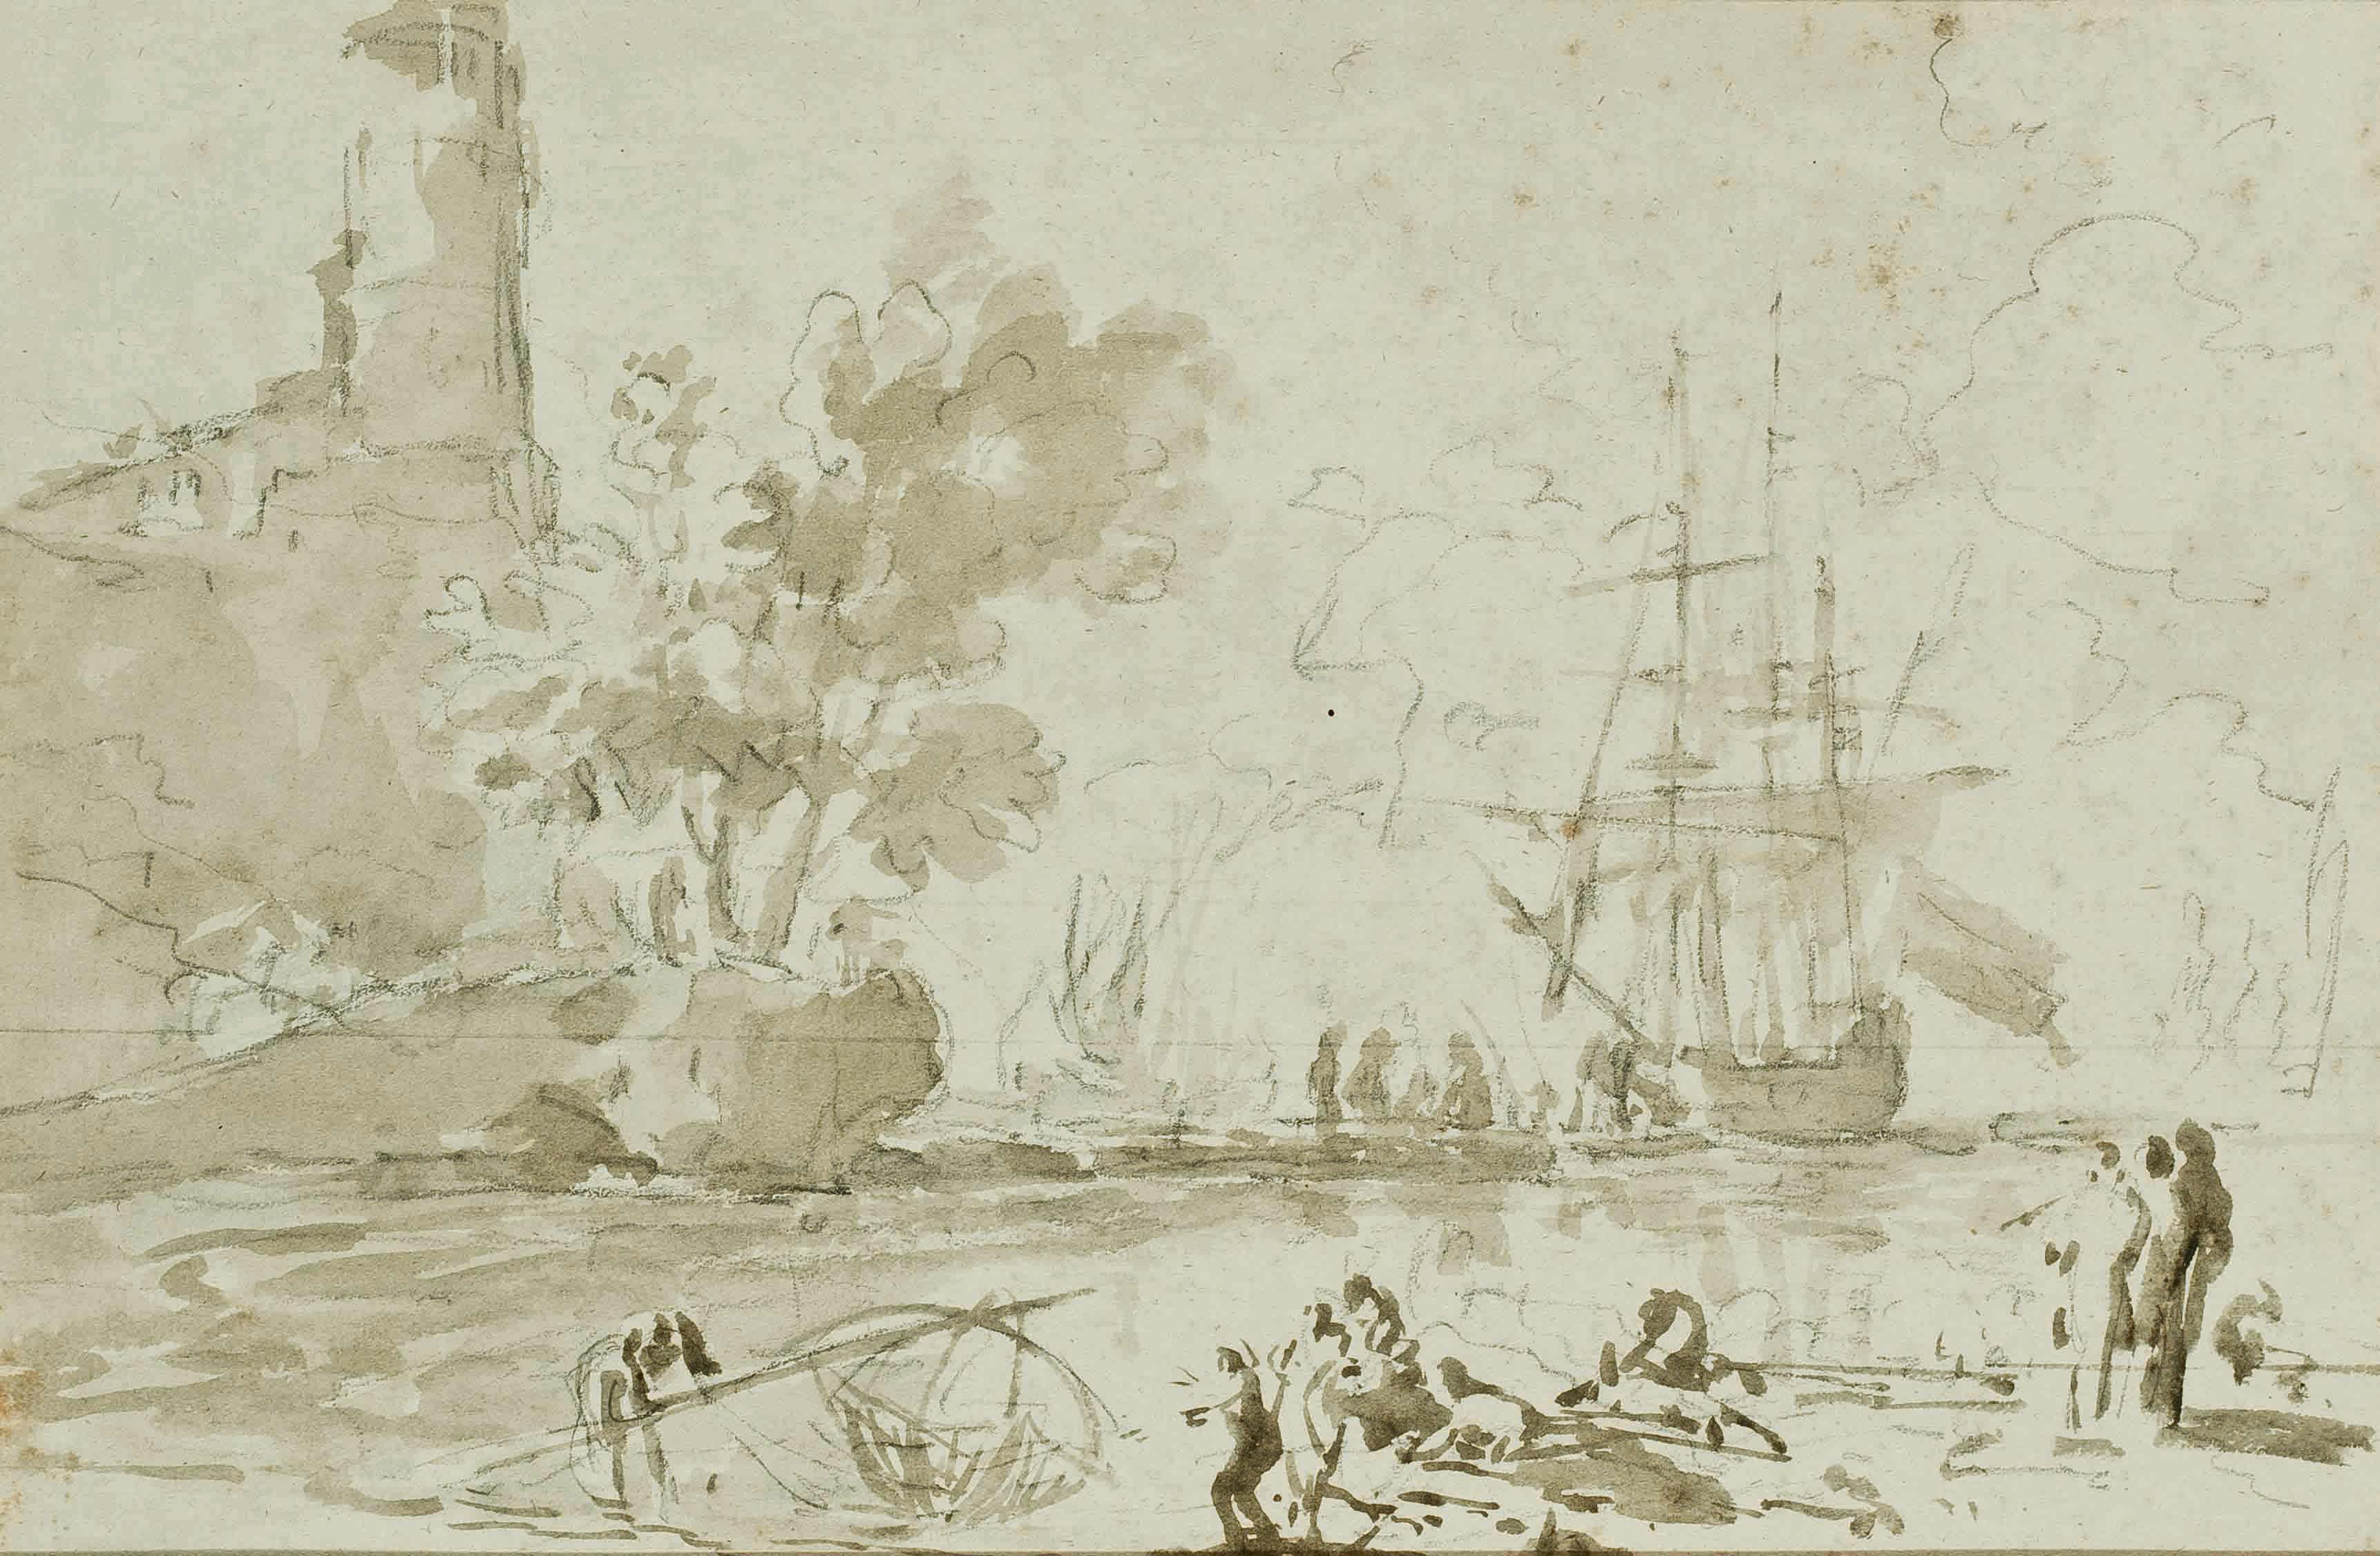 Pêcheurs remontant des filets à l'entrée d'un port